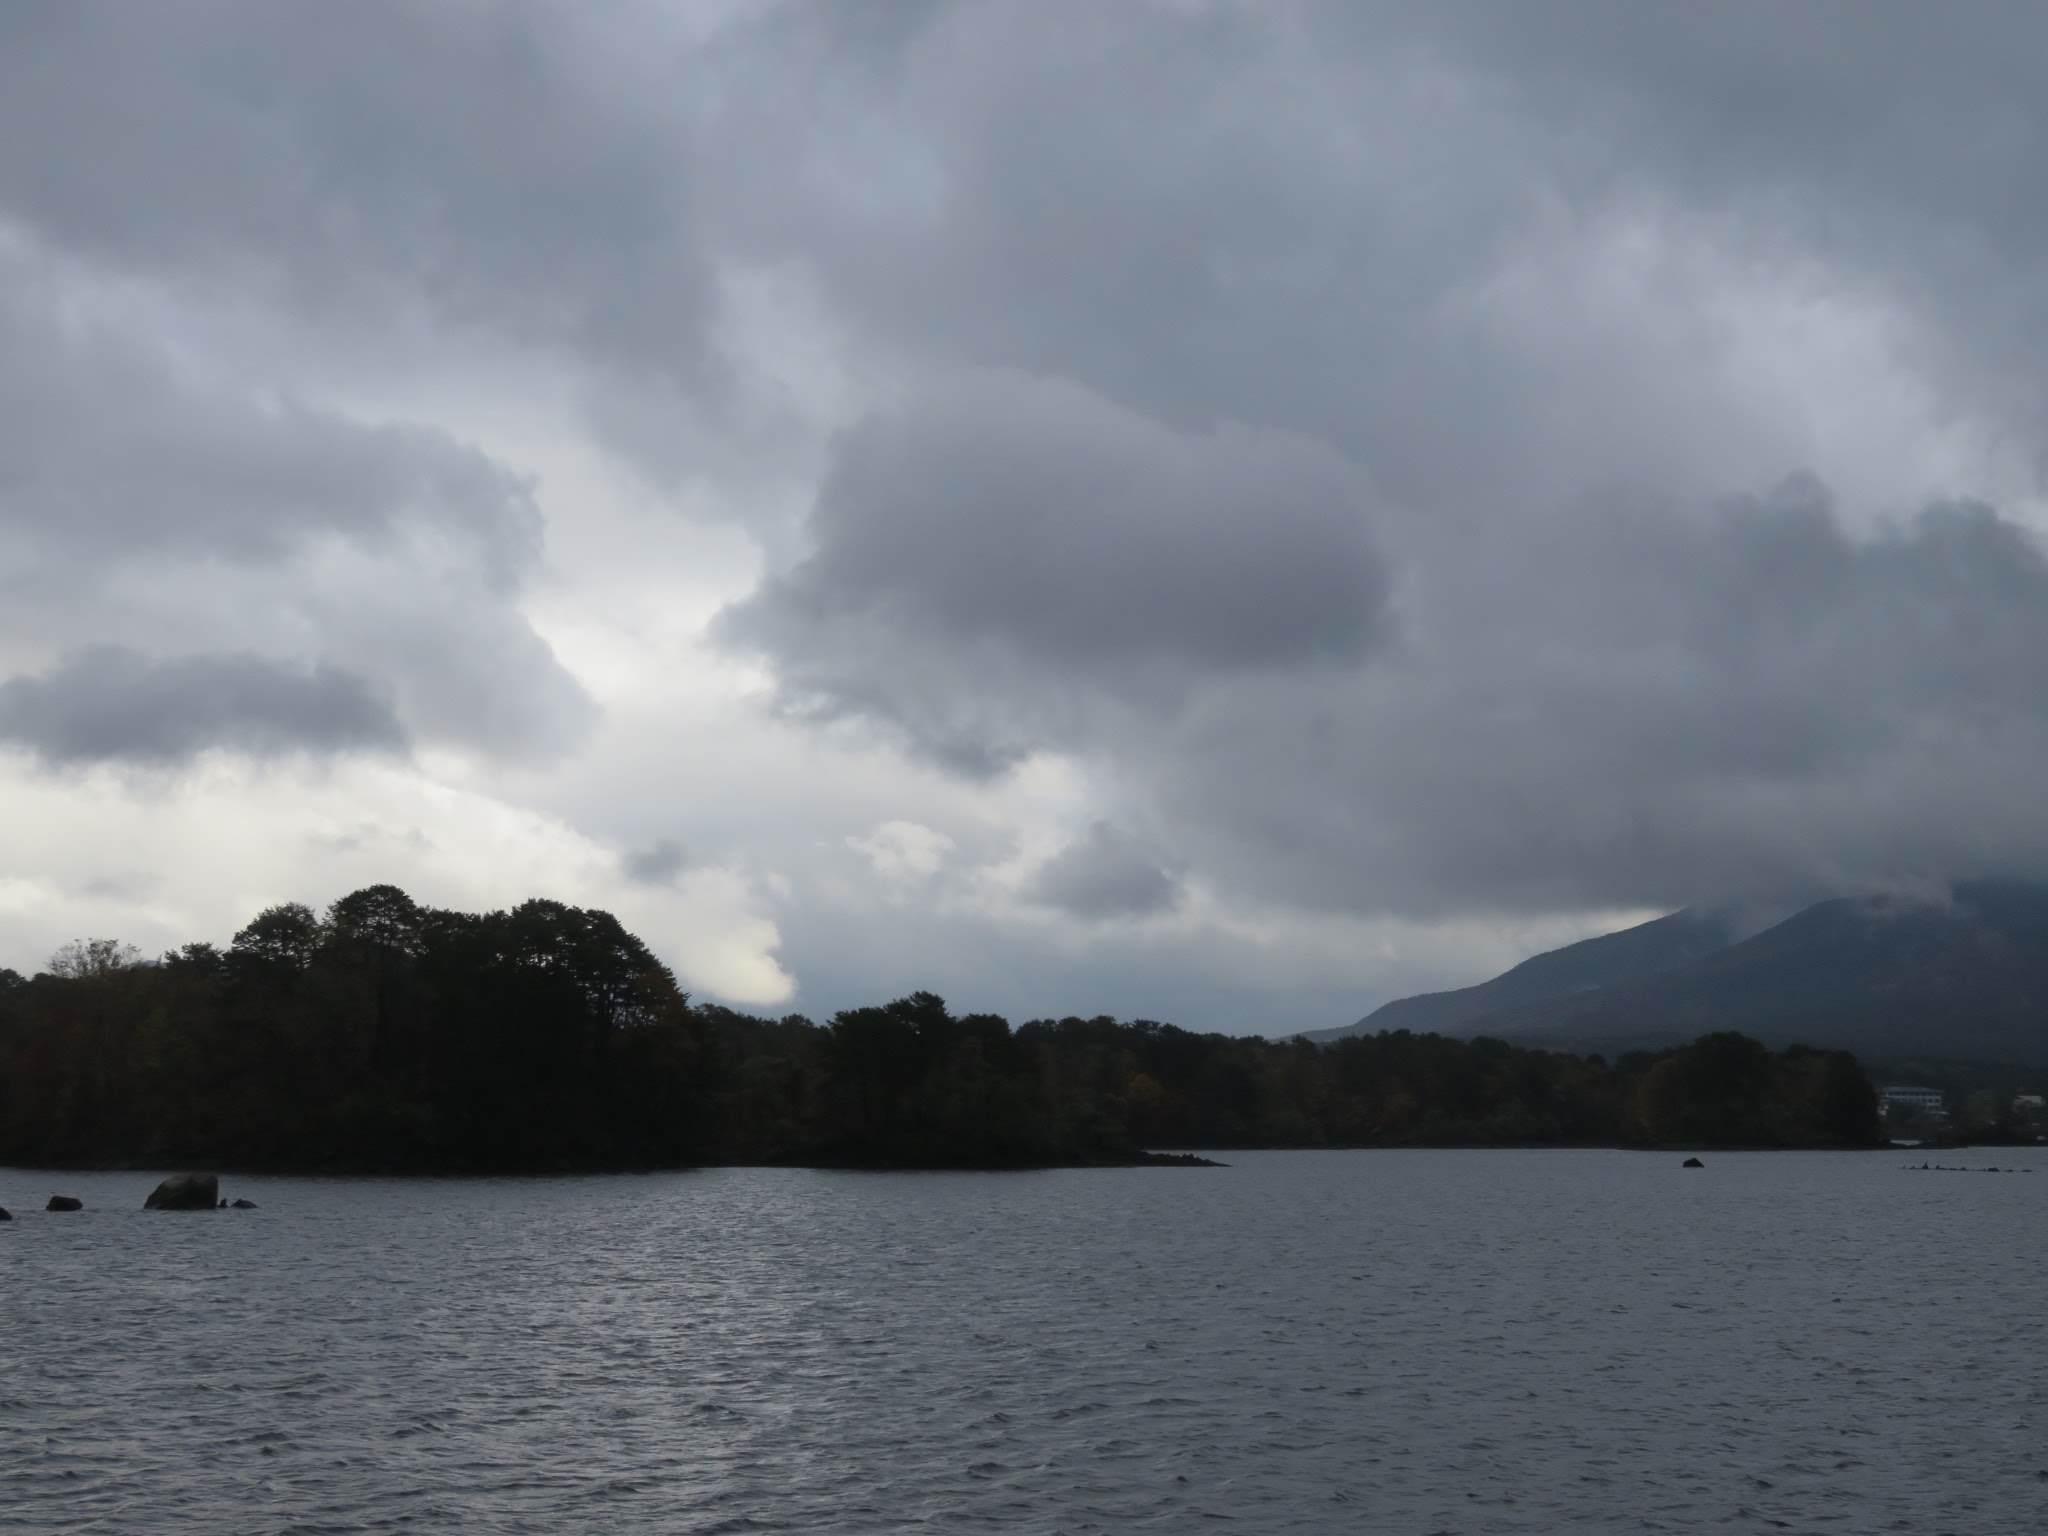 【裏磐梯】雨上がり、超曇天の桧原湖遊覧船_a0057402_15461553.jpg